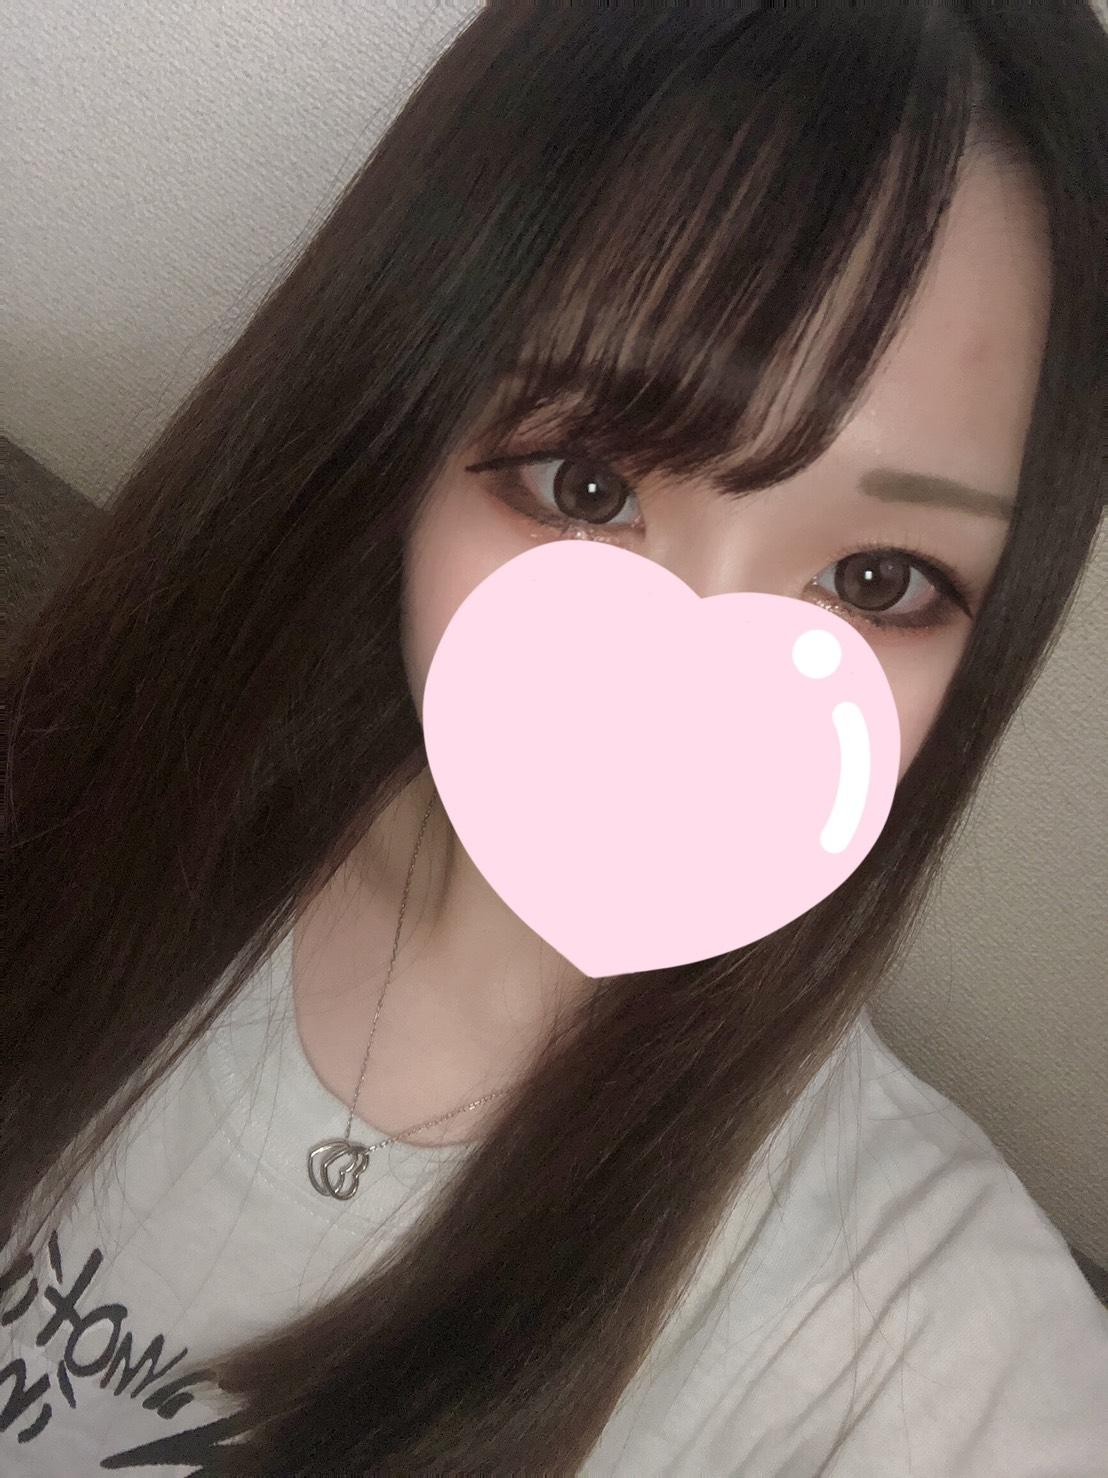 浅香えま 黒髪清楚系美少女